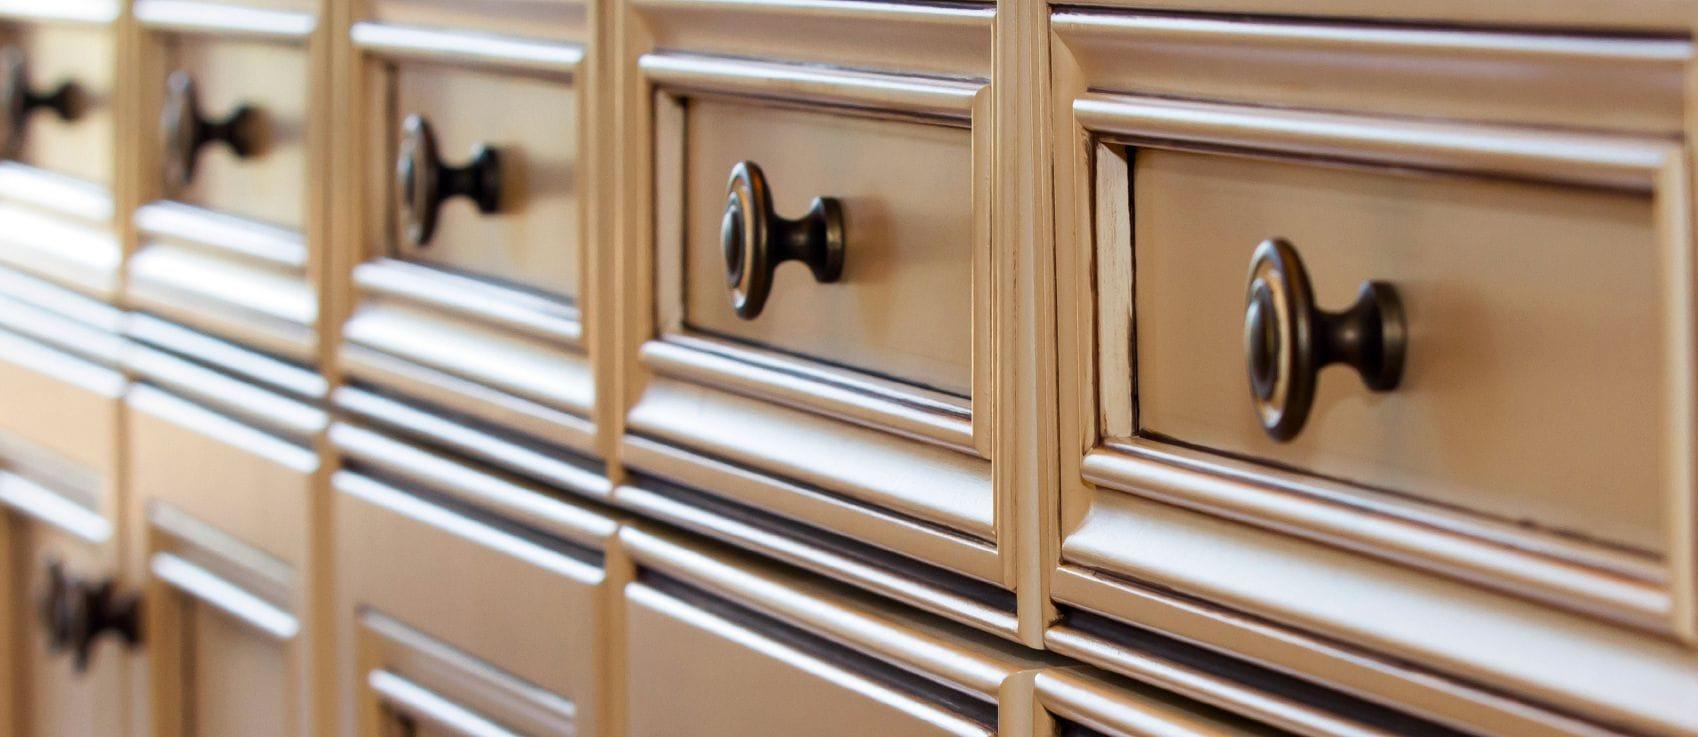 Kitchen Cabinet Knobs Pulls And Handles Kitchen Saver